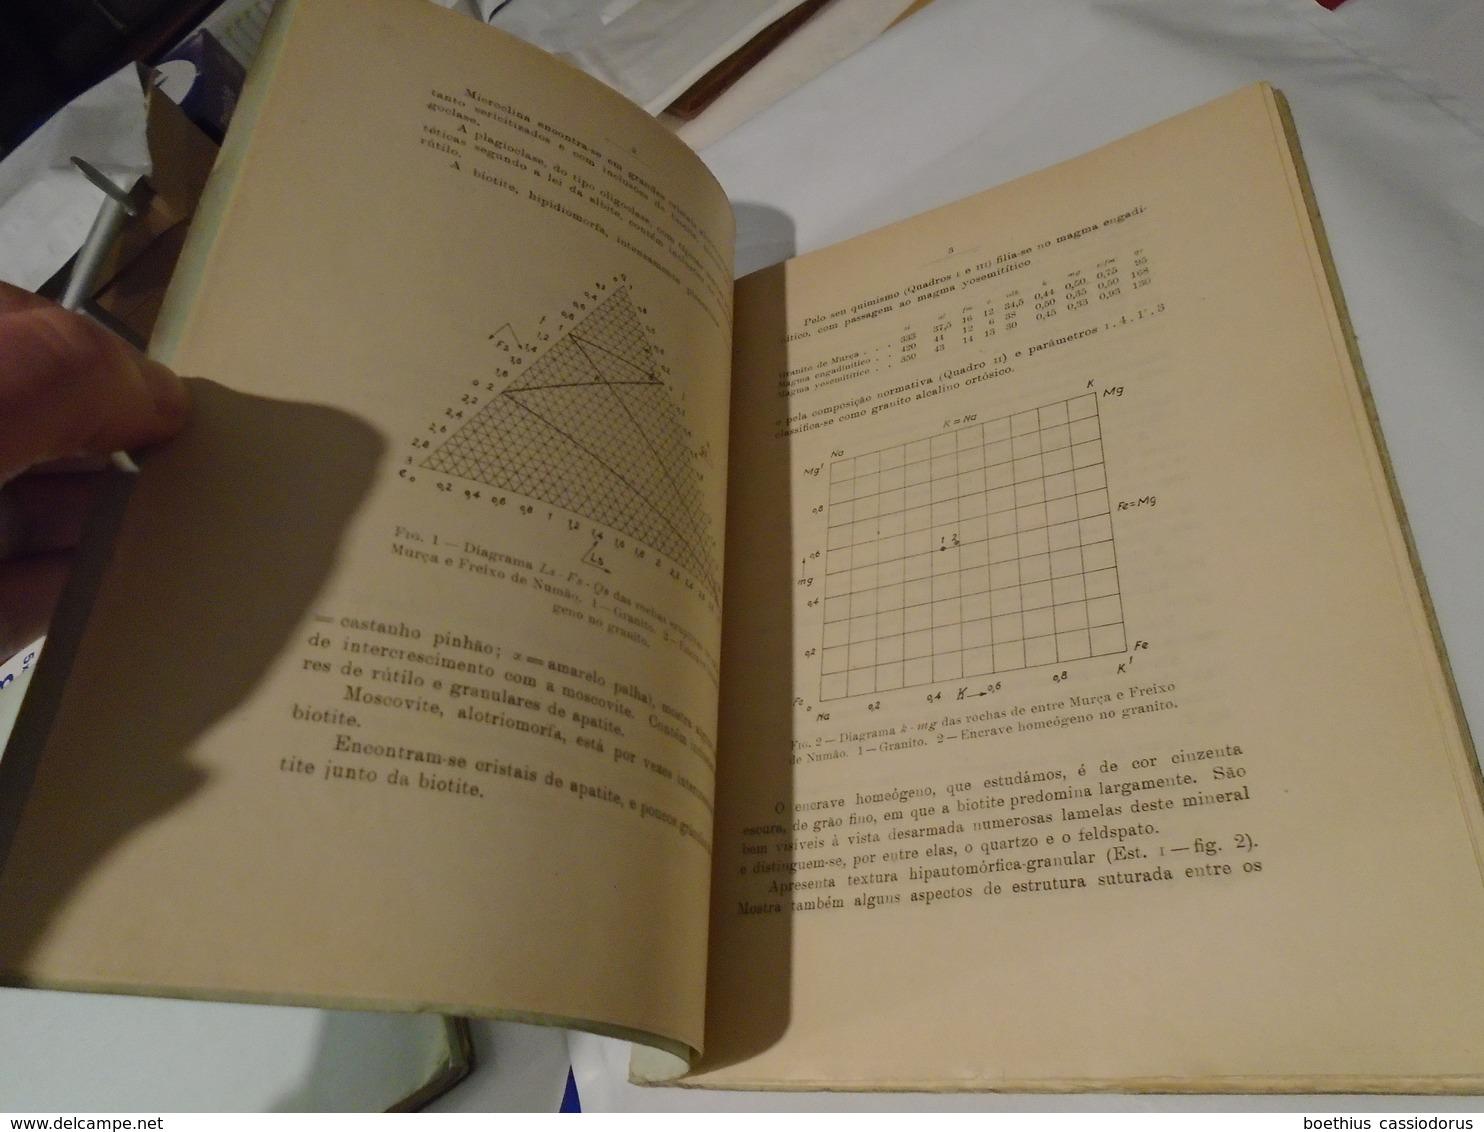 Museu E Laboratorio Mineralogico Geologico E Centro De Estudos Geologicos Universidade COÏMBRA. MEMORIAS NOTICIAS N° 32 - Livres, BD, Revues